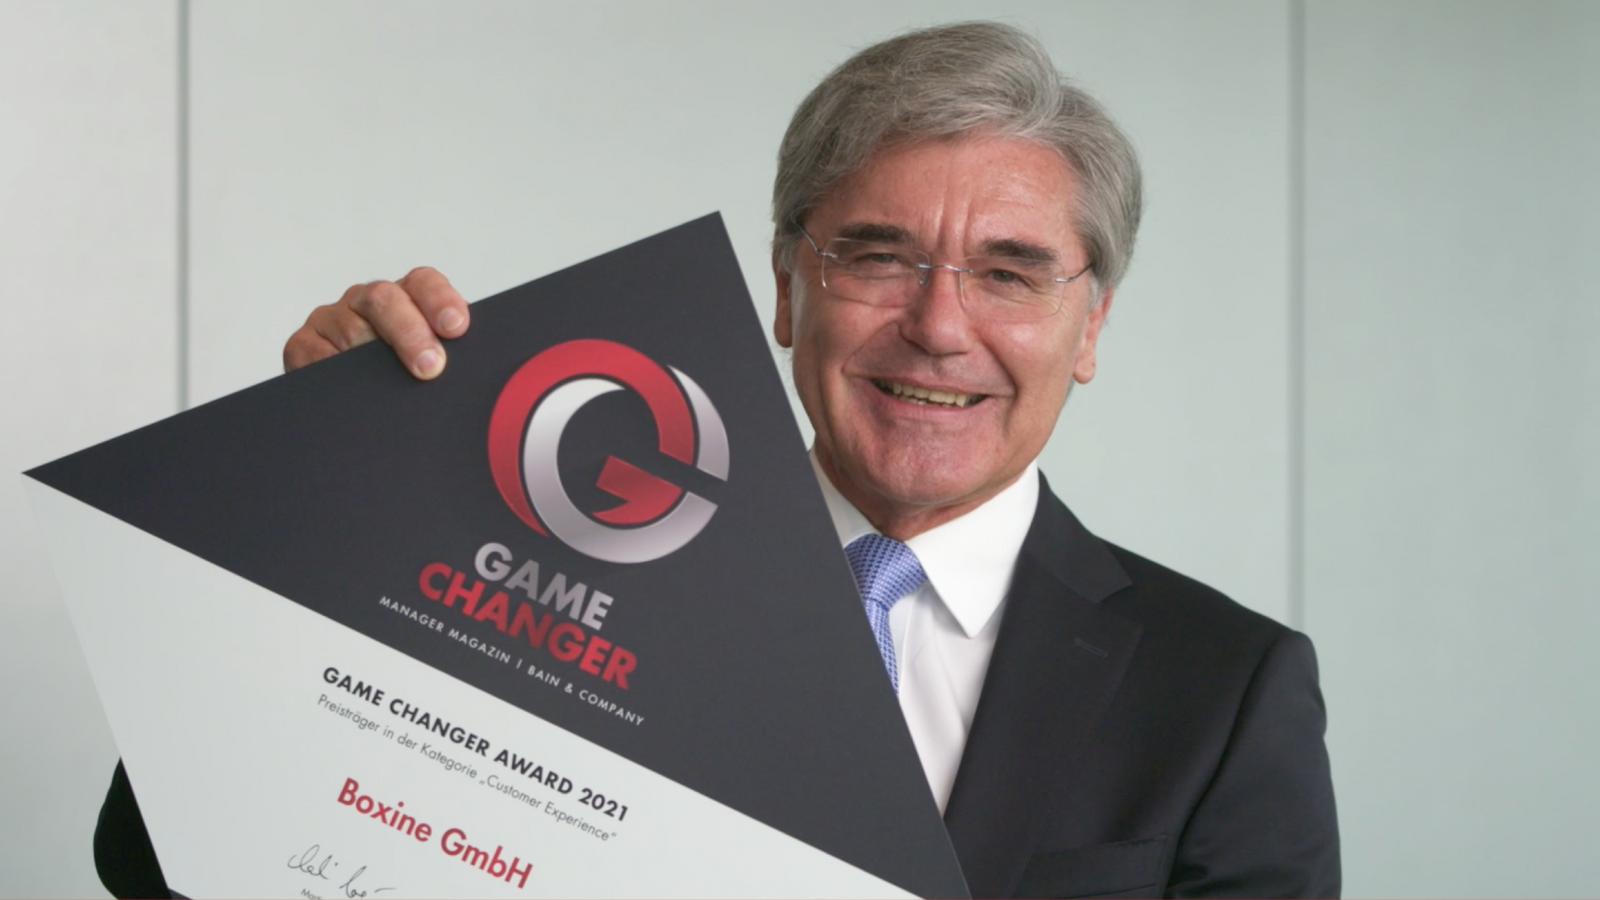 Game Changer 2021 / Joe Kaeser